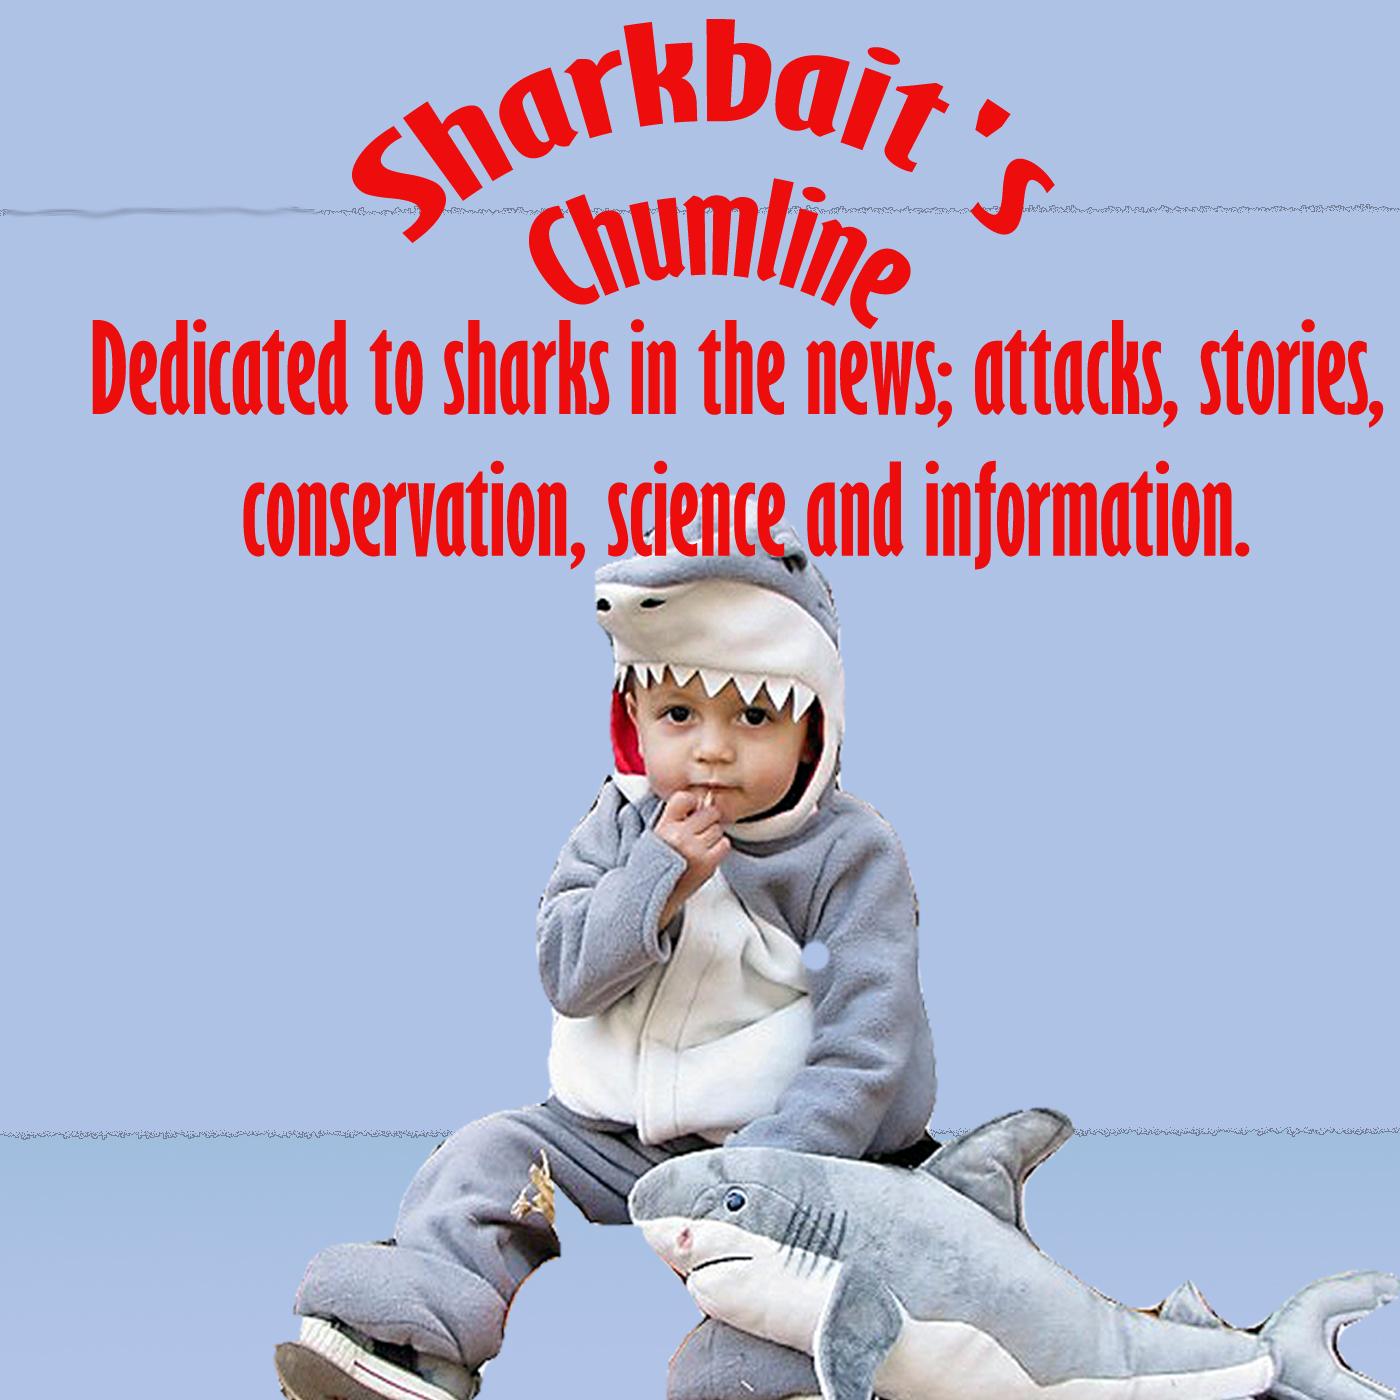 Sharkbait's Chumline